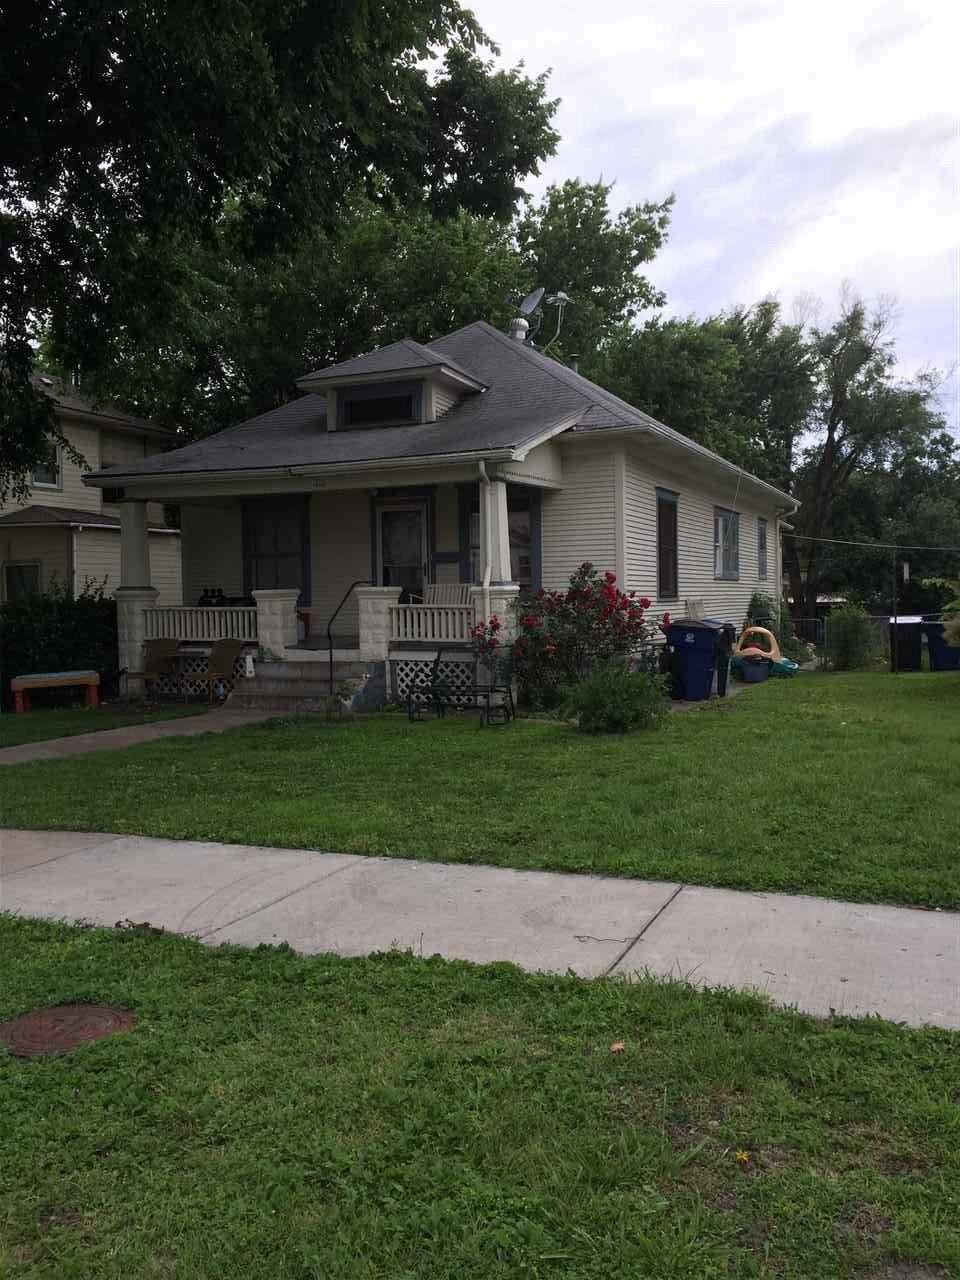 205 N Pine St, Newton, KS 67114